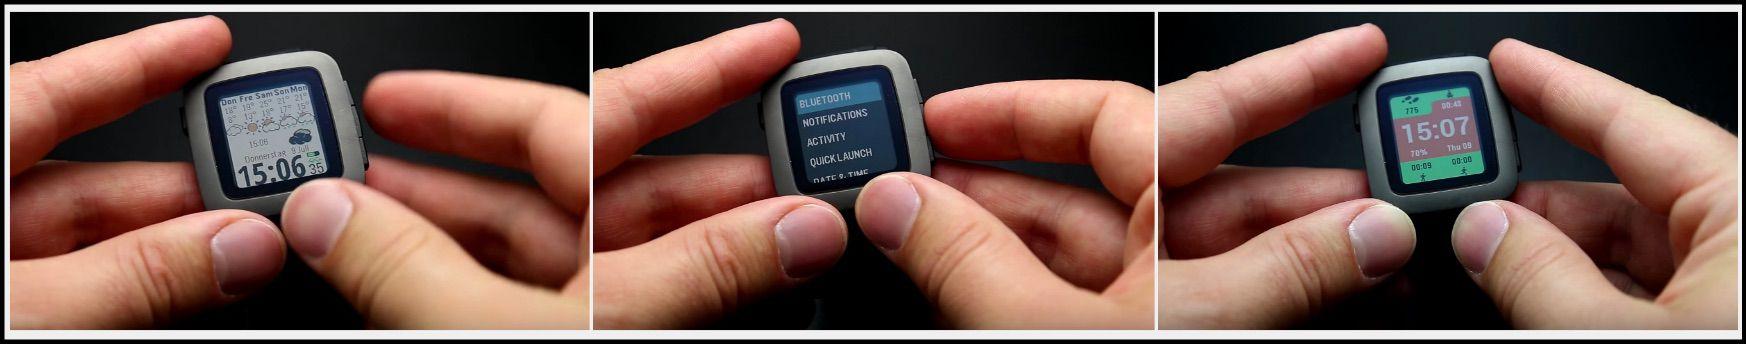 montre pebble time-ecran couleur-suivi d activite